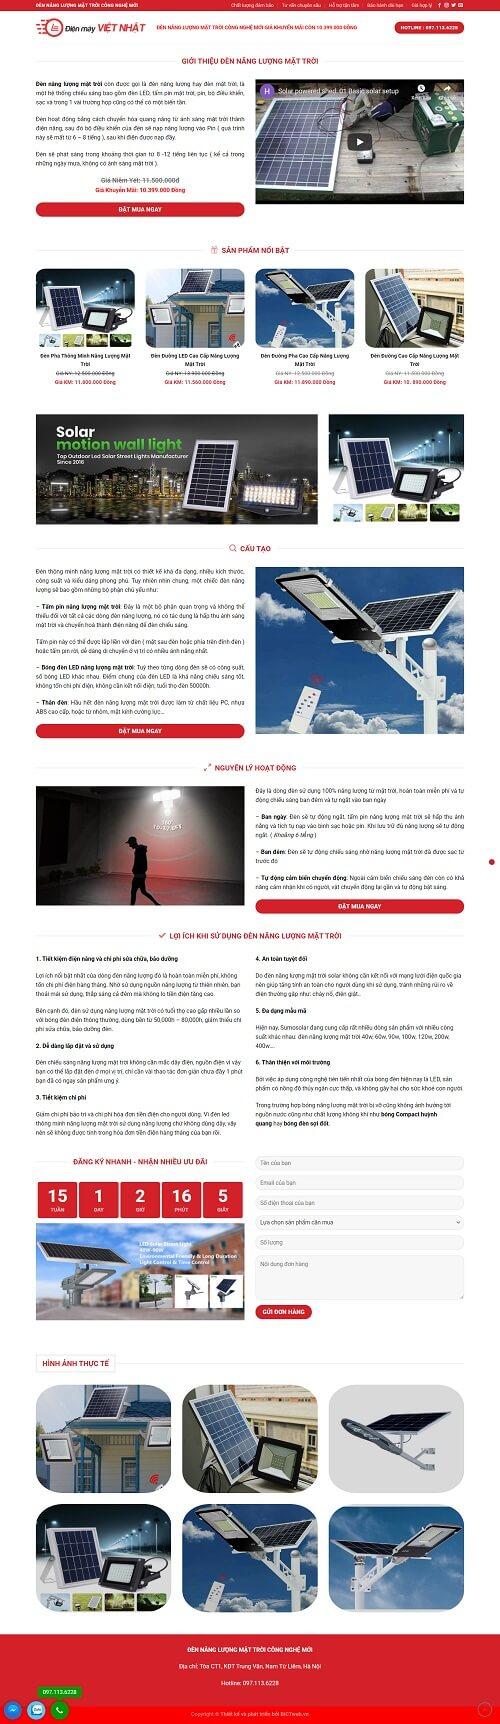 thiết kế website landingpage